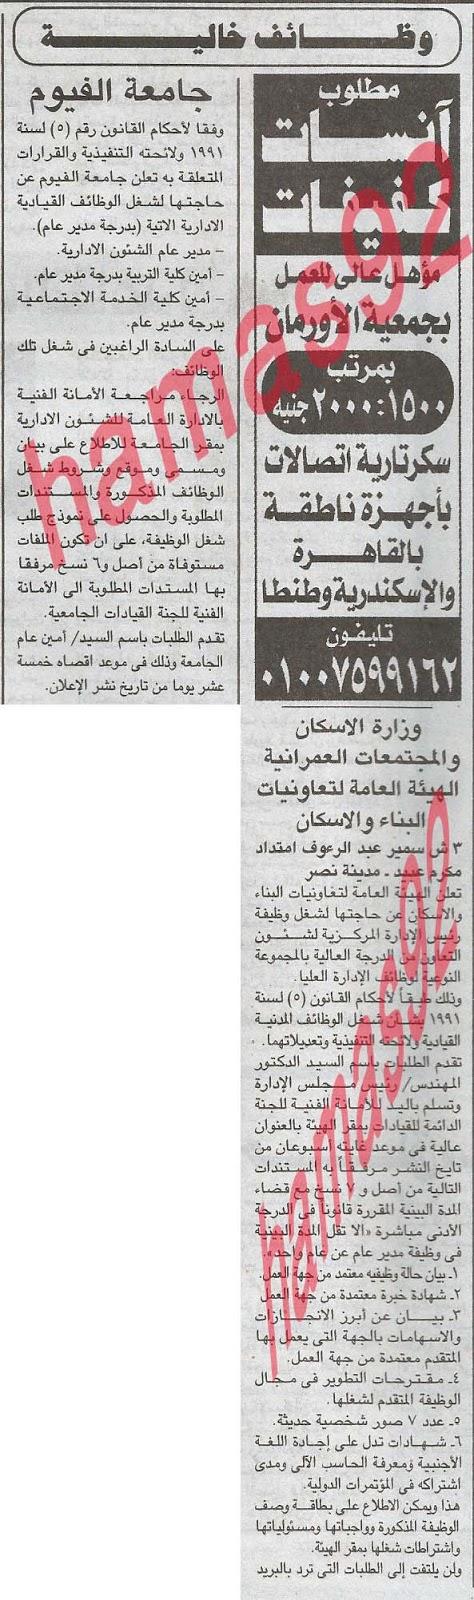 اعلانات الوظائف فى جريدة الجمهورية الصادرة يوم الثلاثاء 30-4-2013